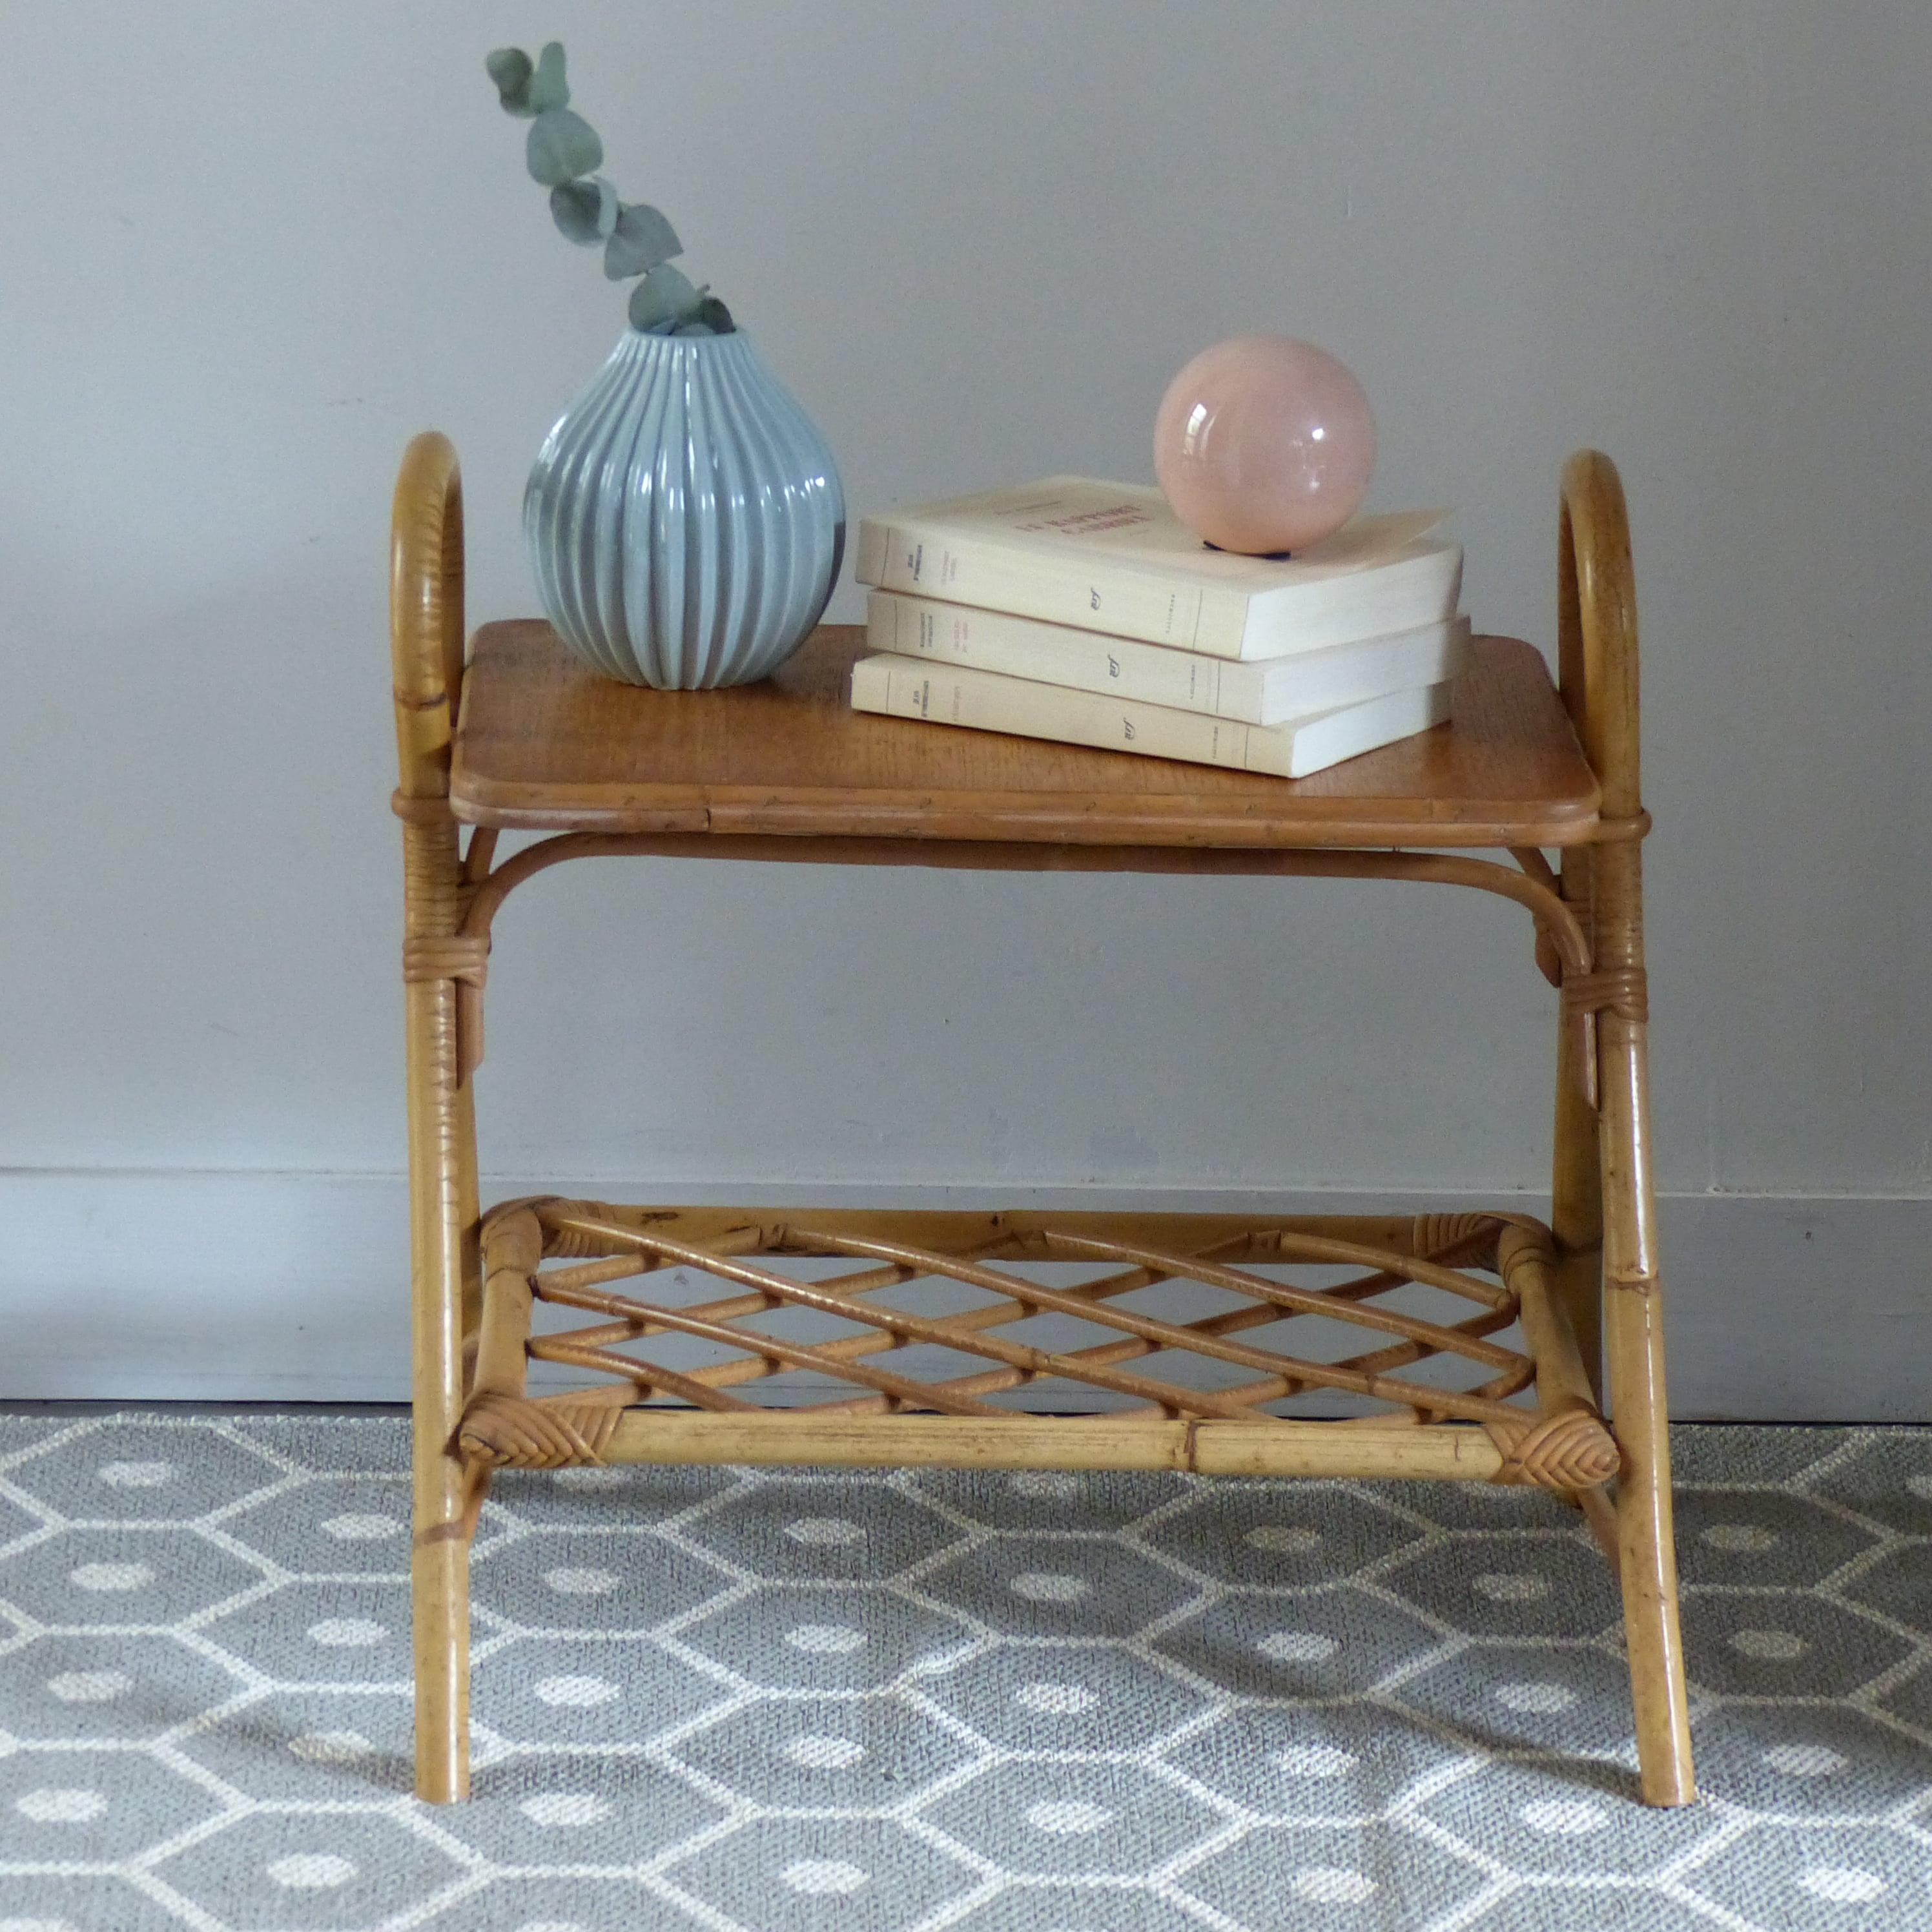 table de chevet vintage en rotin lignedebrocante brocante en ligne chine pour vous meubles. Black Bedroom Furniture Sets. Home Design Ideas